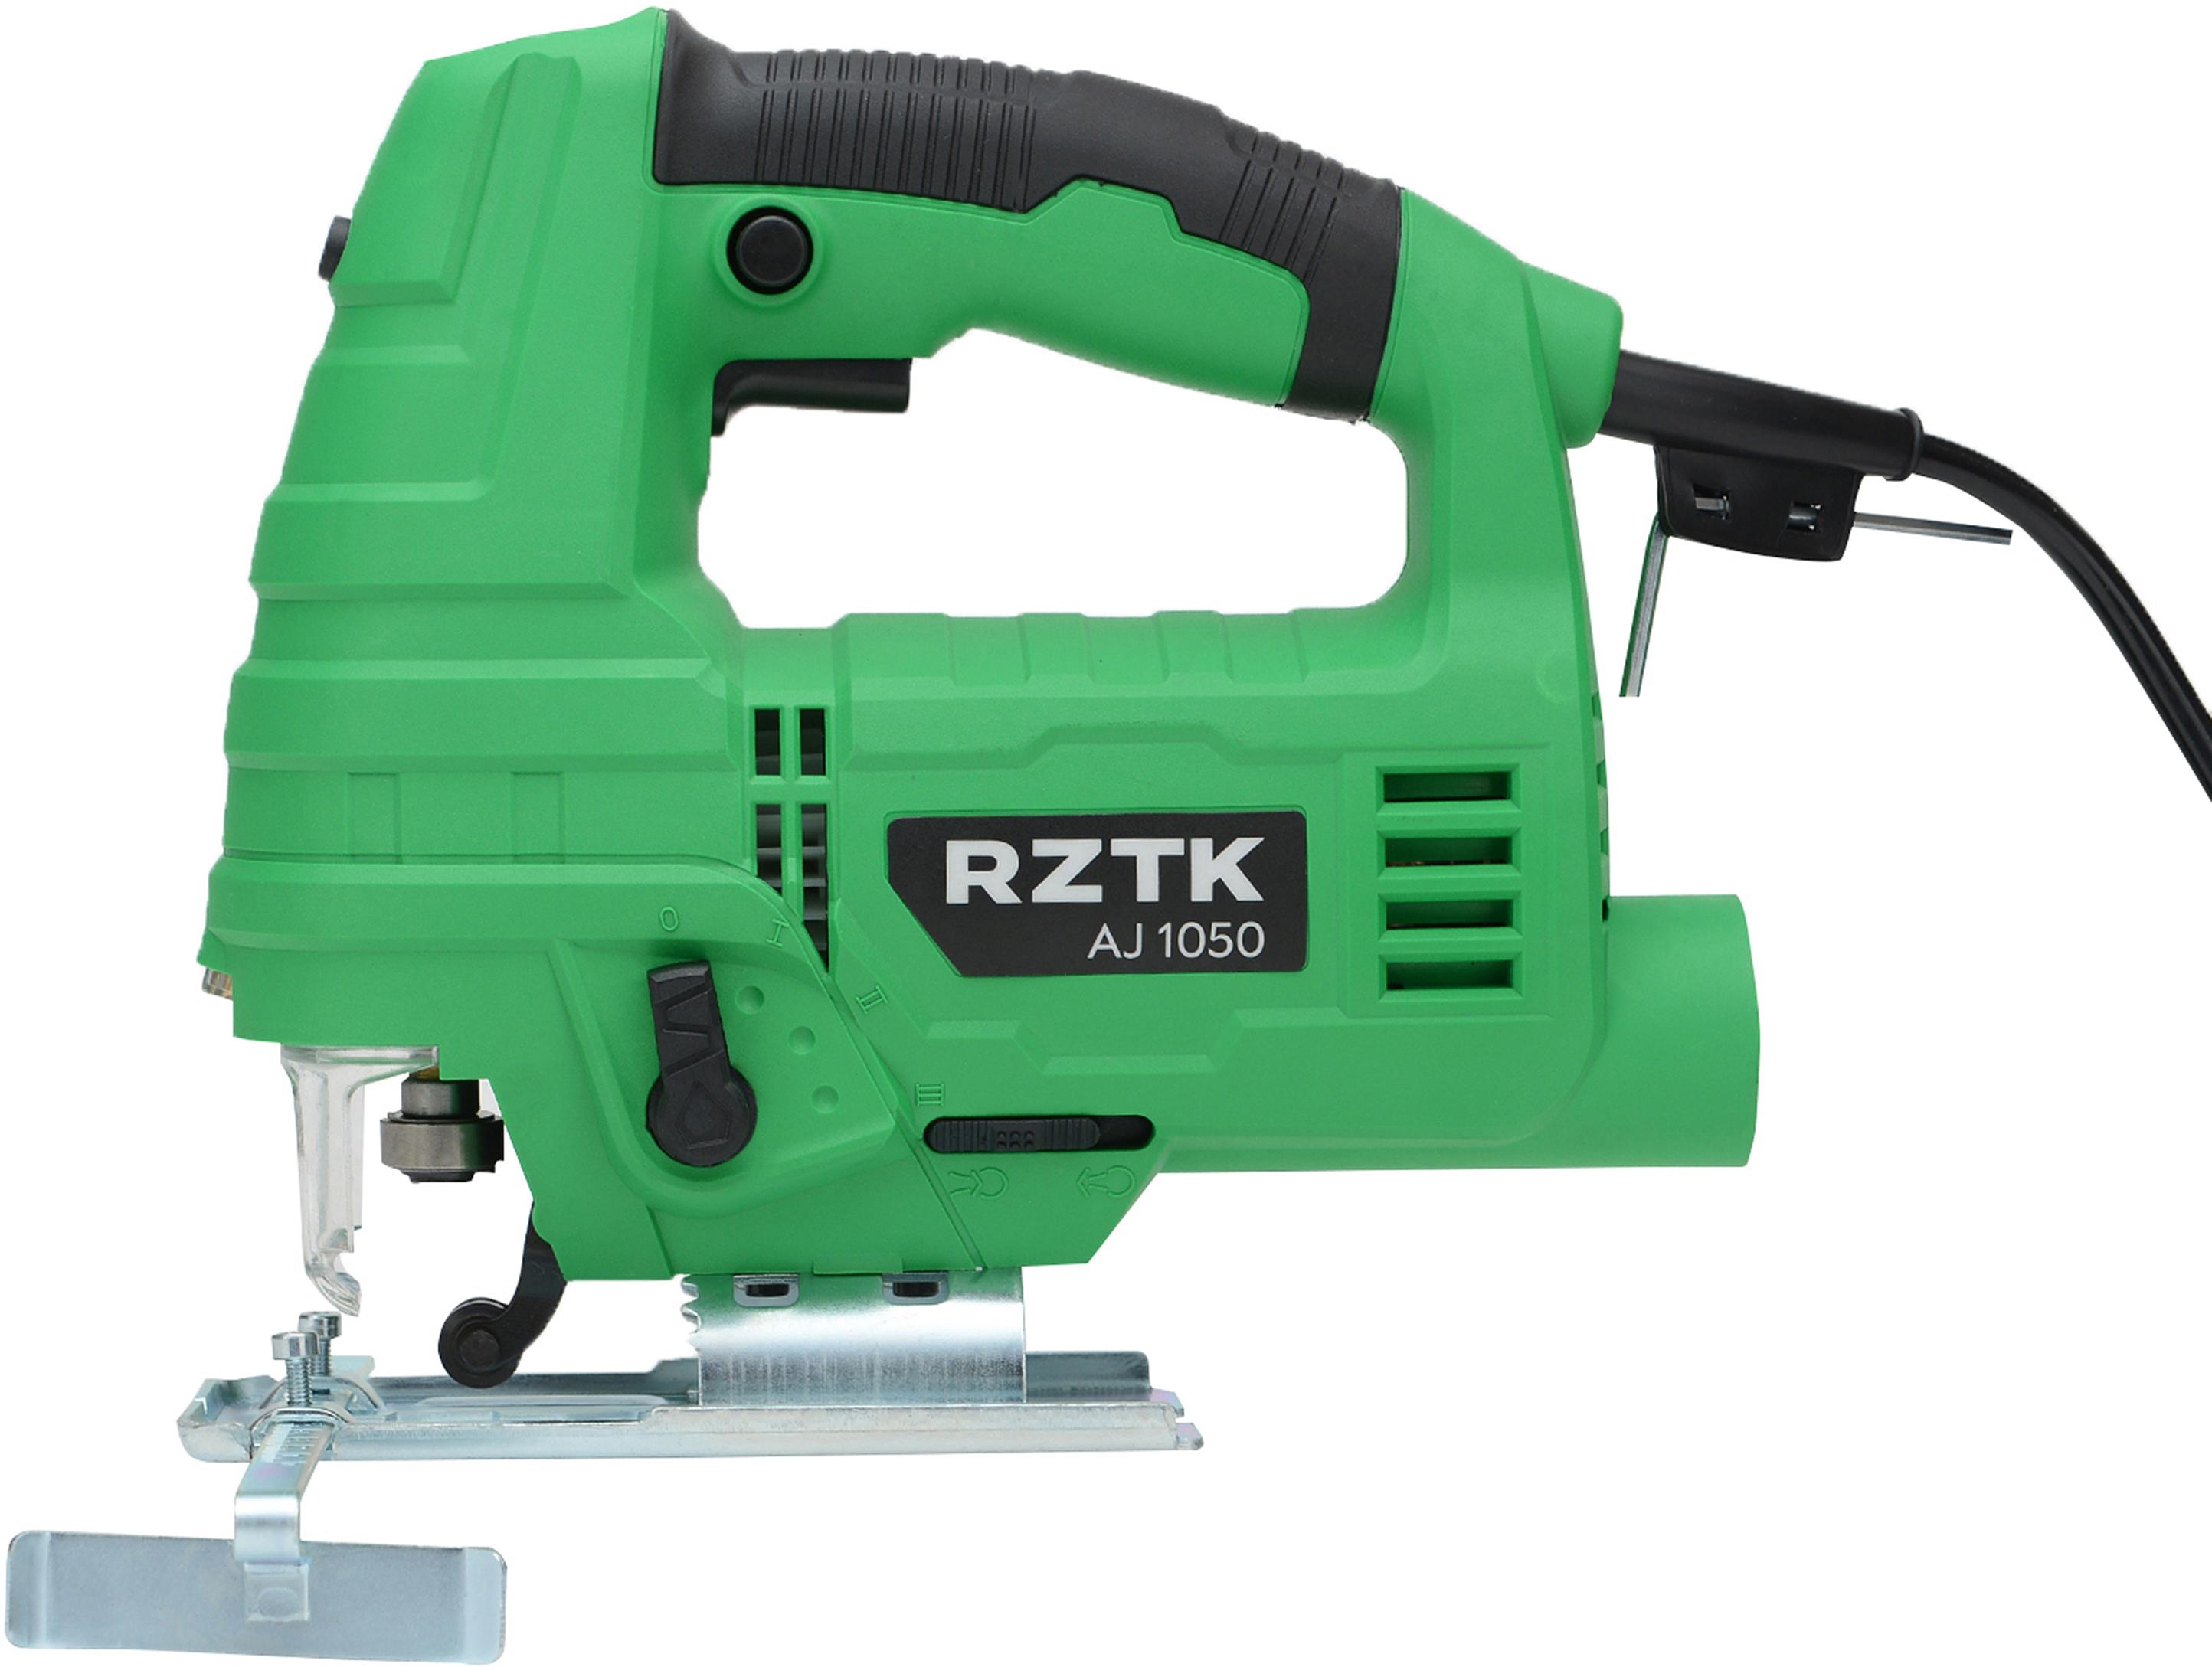 Електролобзик RZTK AJ 1050